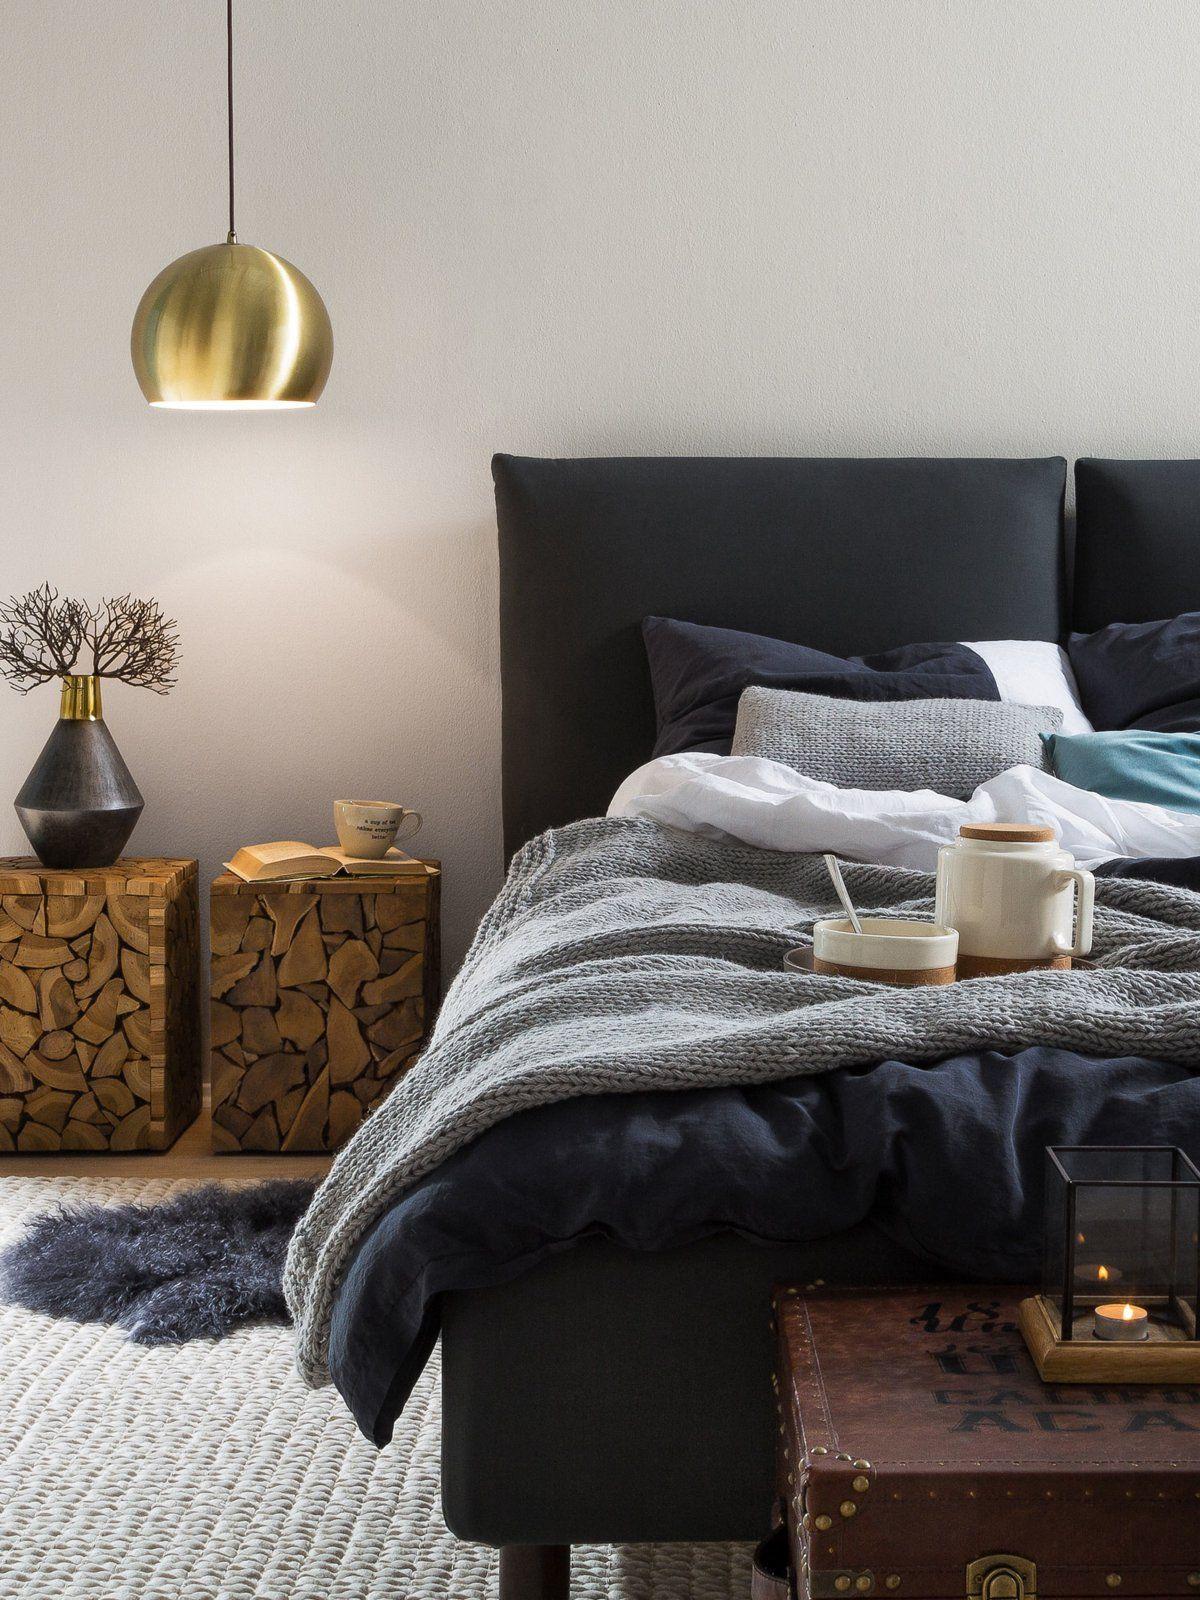 Wohntrends 2017: Deko, Möbel, Farben & Co.   Bedrooms, Future and House